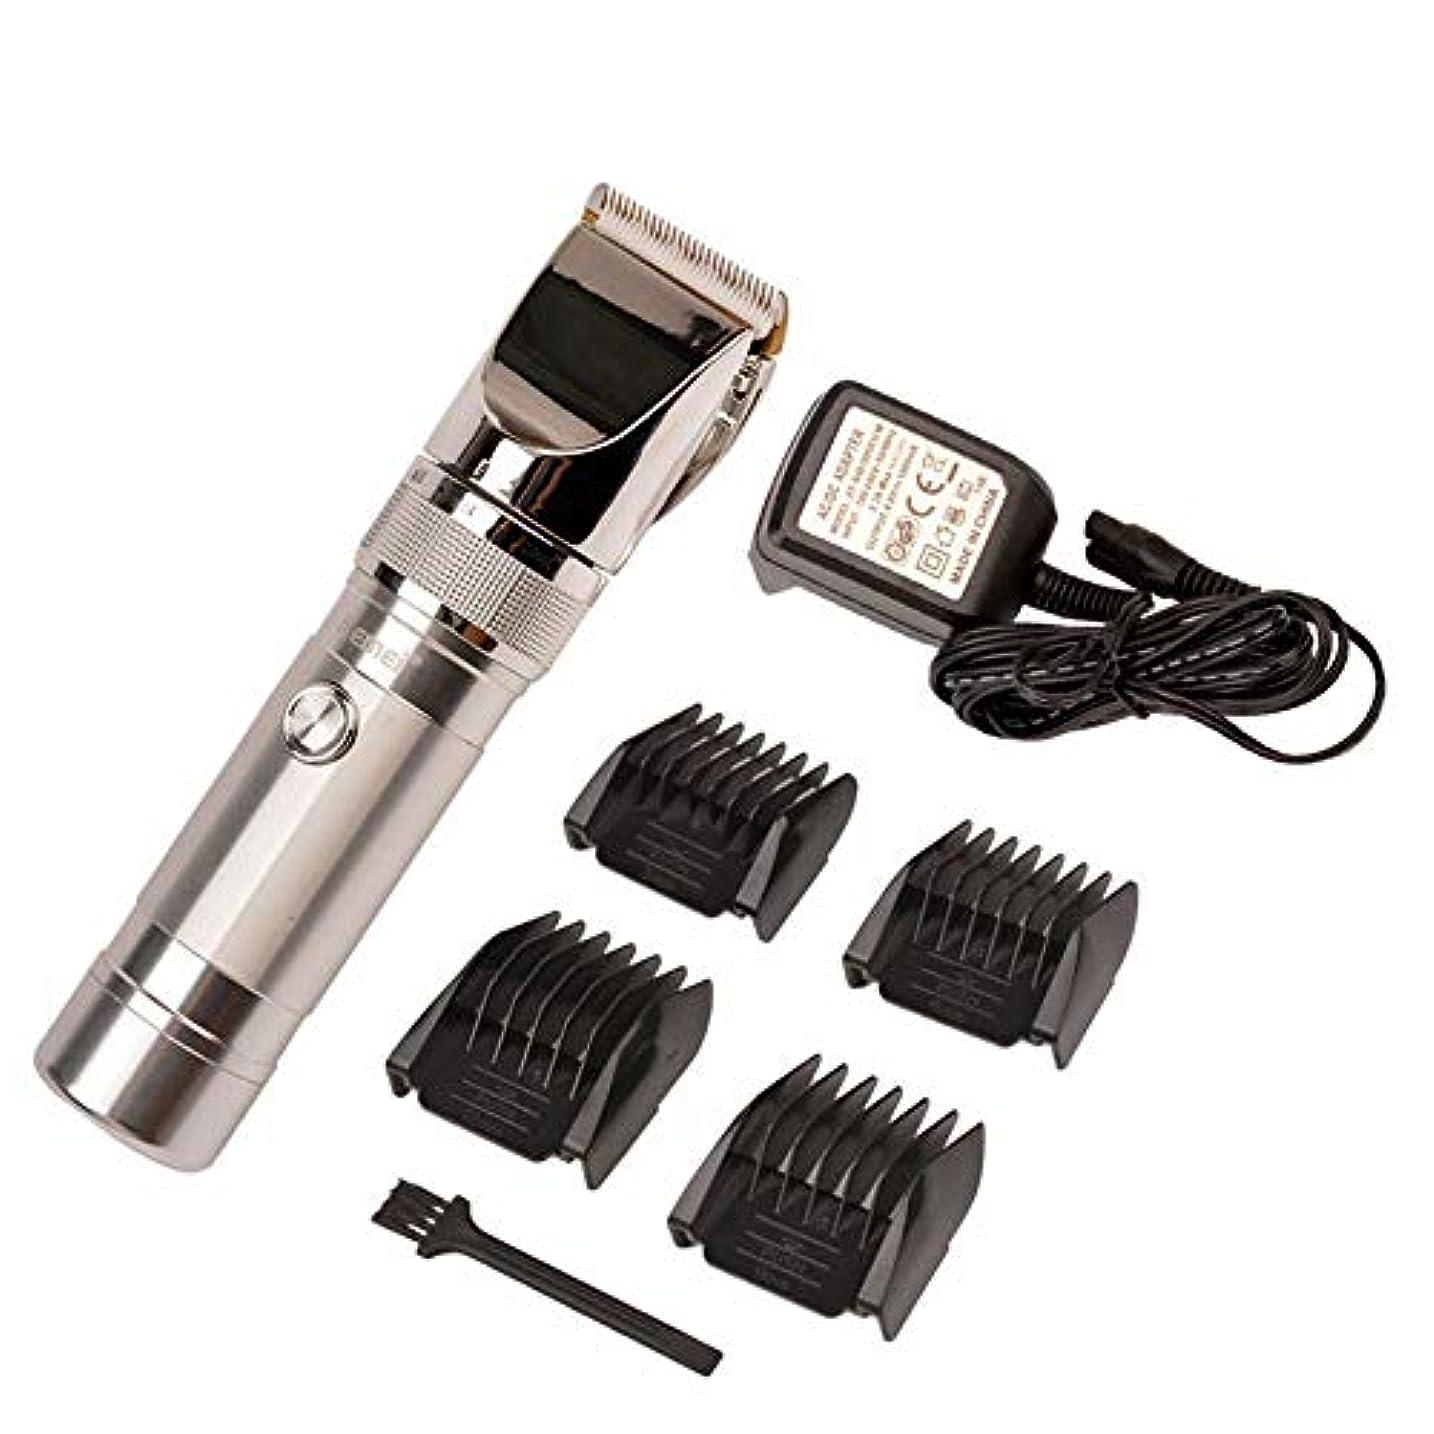 カブ断線達成男性電気シェーバーかみそりひげシェーバー充電式ヘアクリッパートリマーグルーミングキットコードレス調整可能な理髪クリッパー